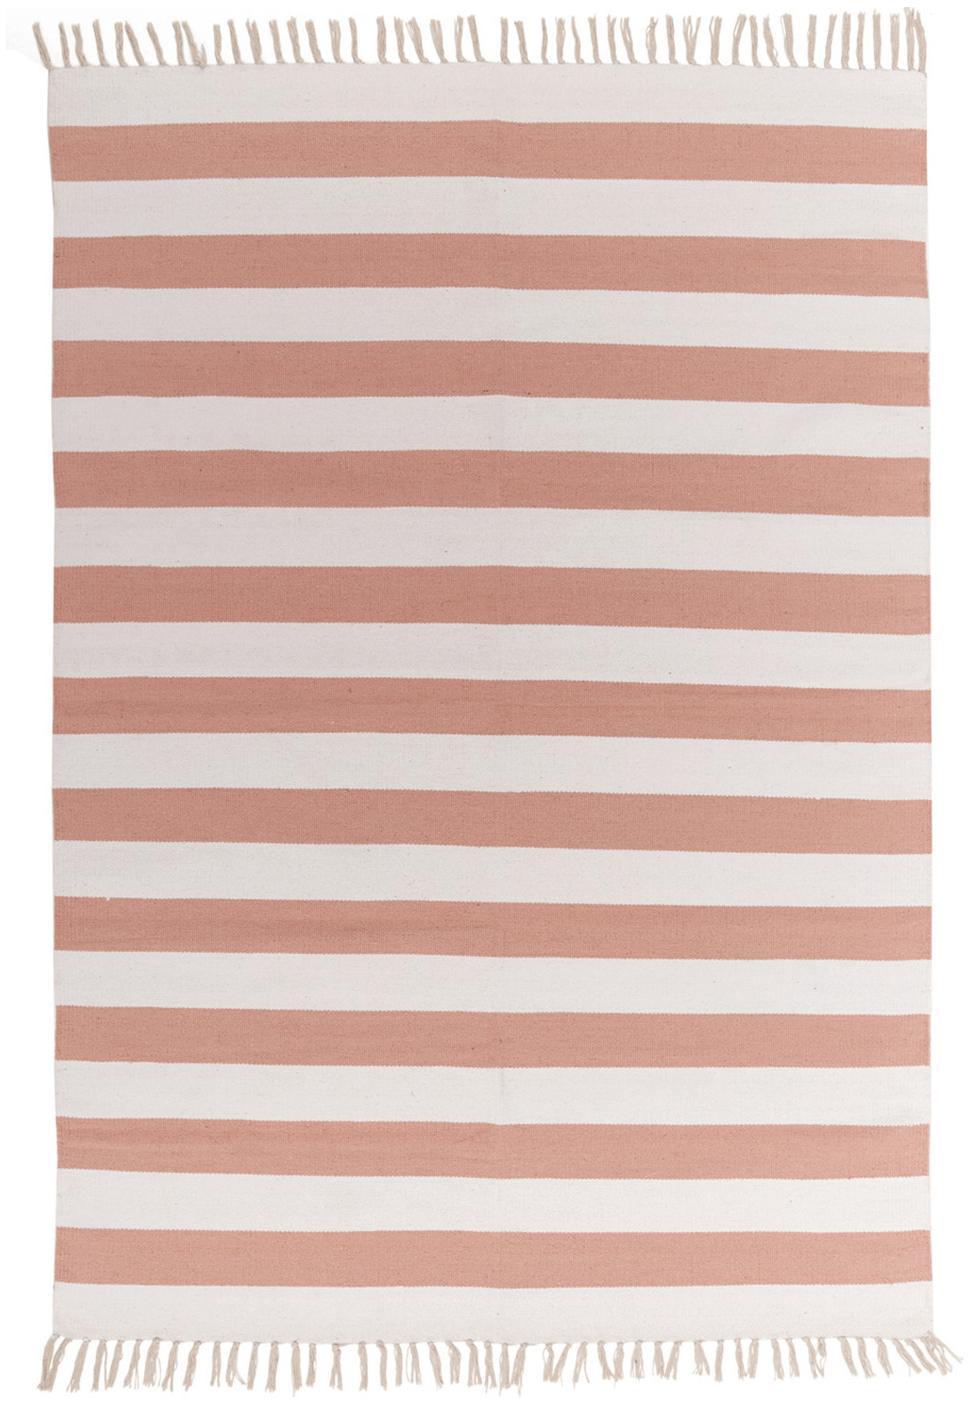 Gestreept vloerkleed Malte in roze/wit, Katoen, Roze, gebroken wit, B 140 x L 200 cm (maat S)